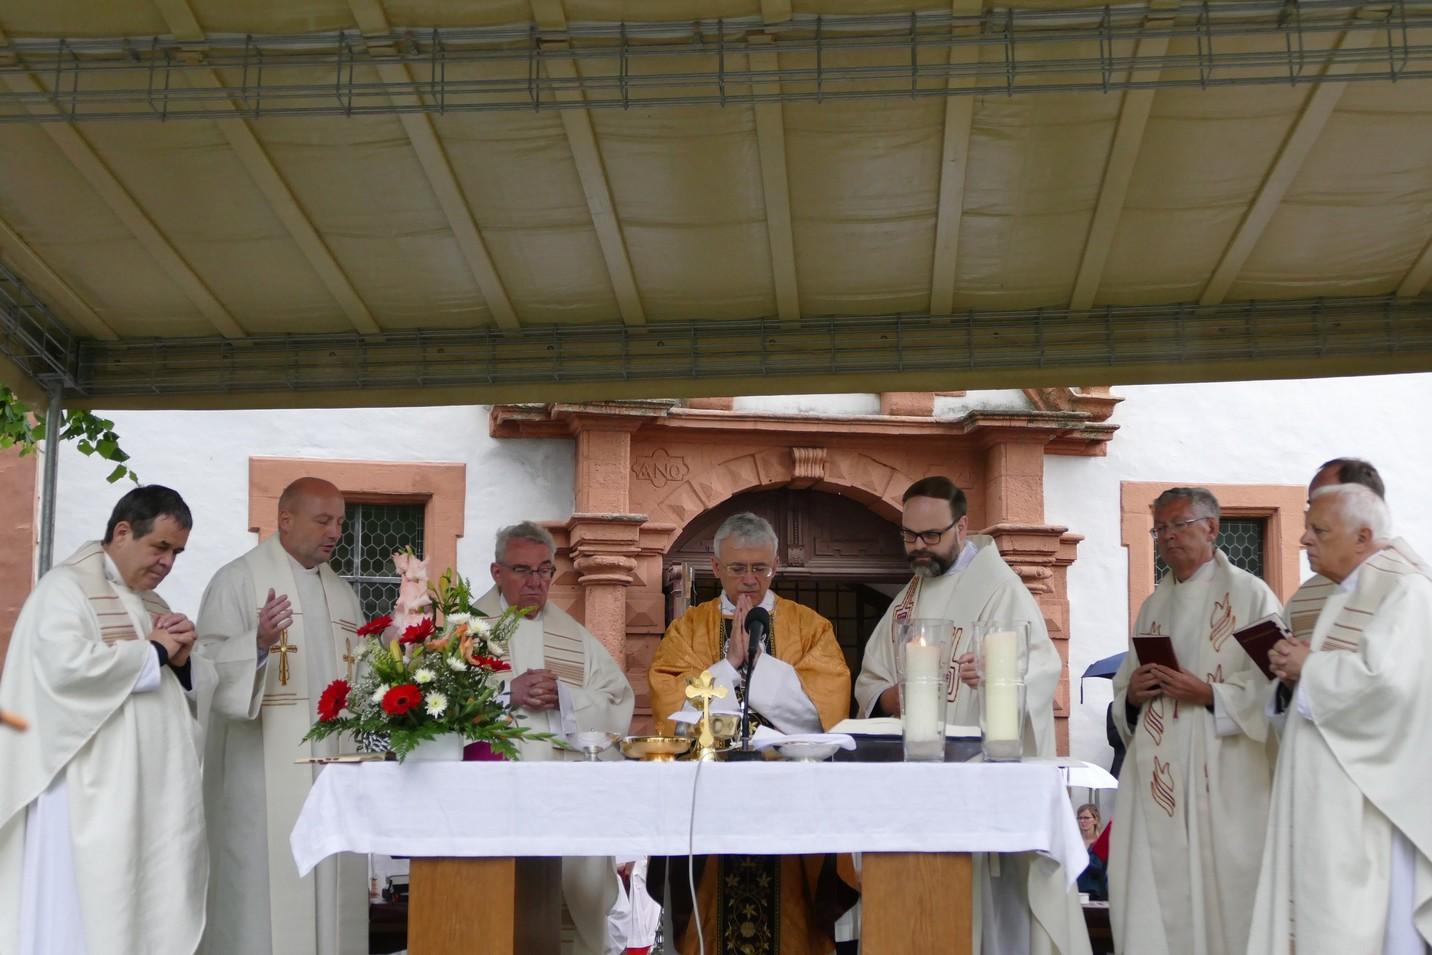 В середине июня Владыка Иосиф Верт побывал в святилище Святого Антония Падуанского в Тюрингии